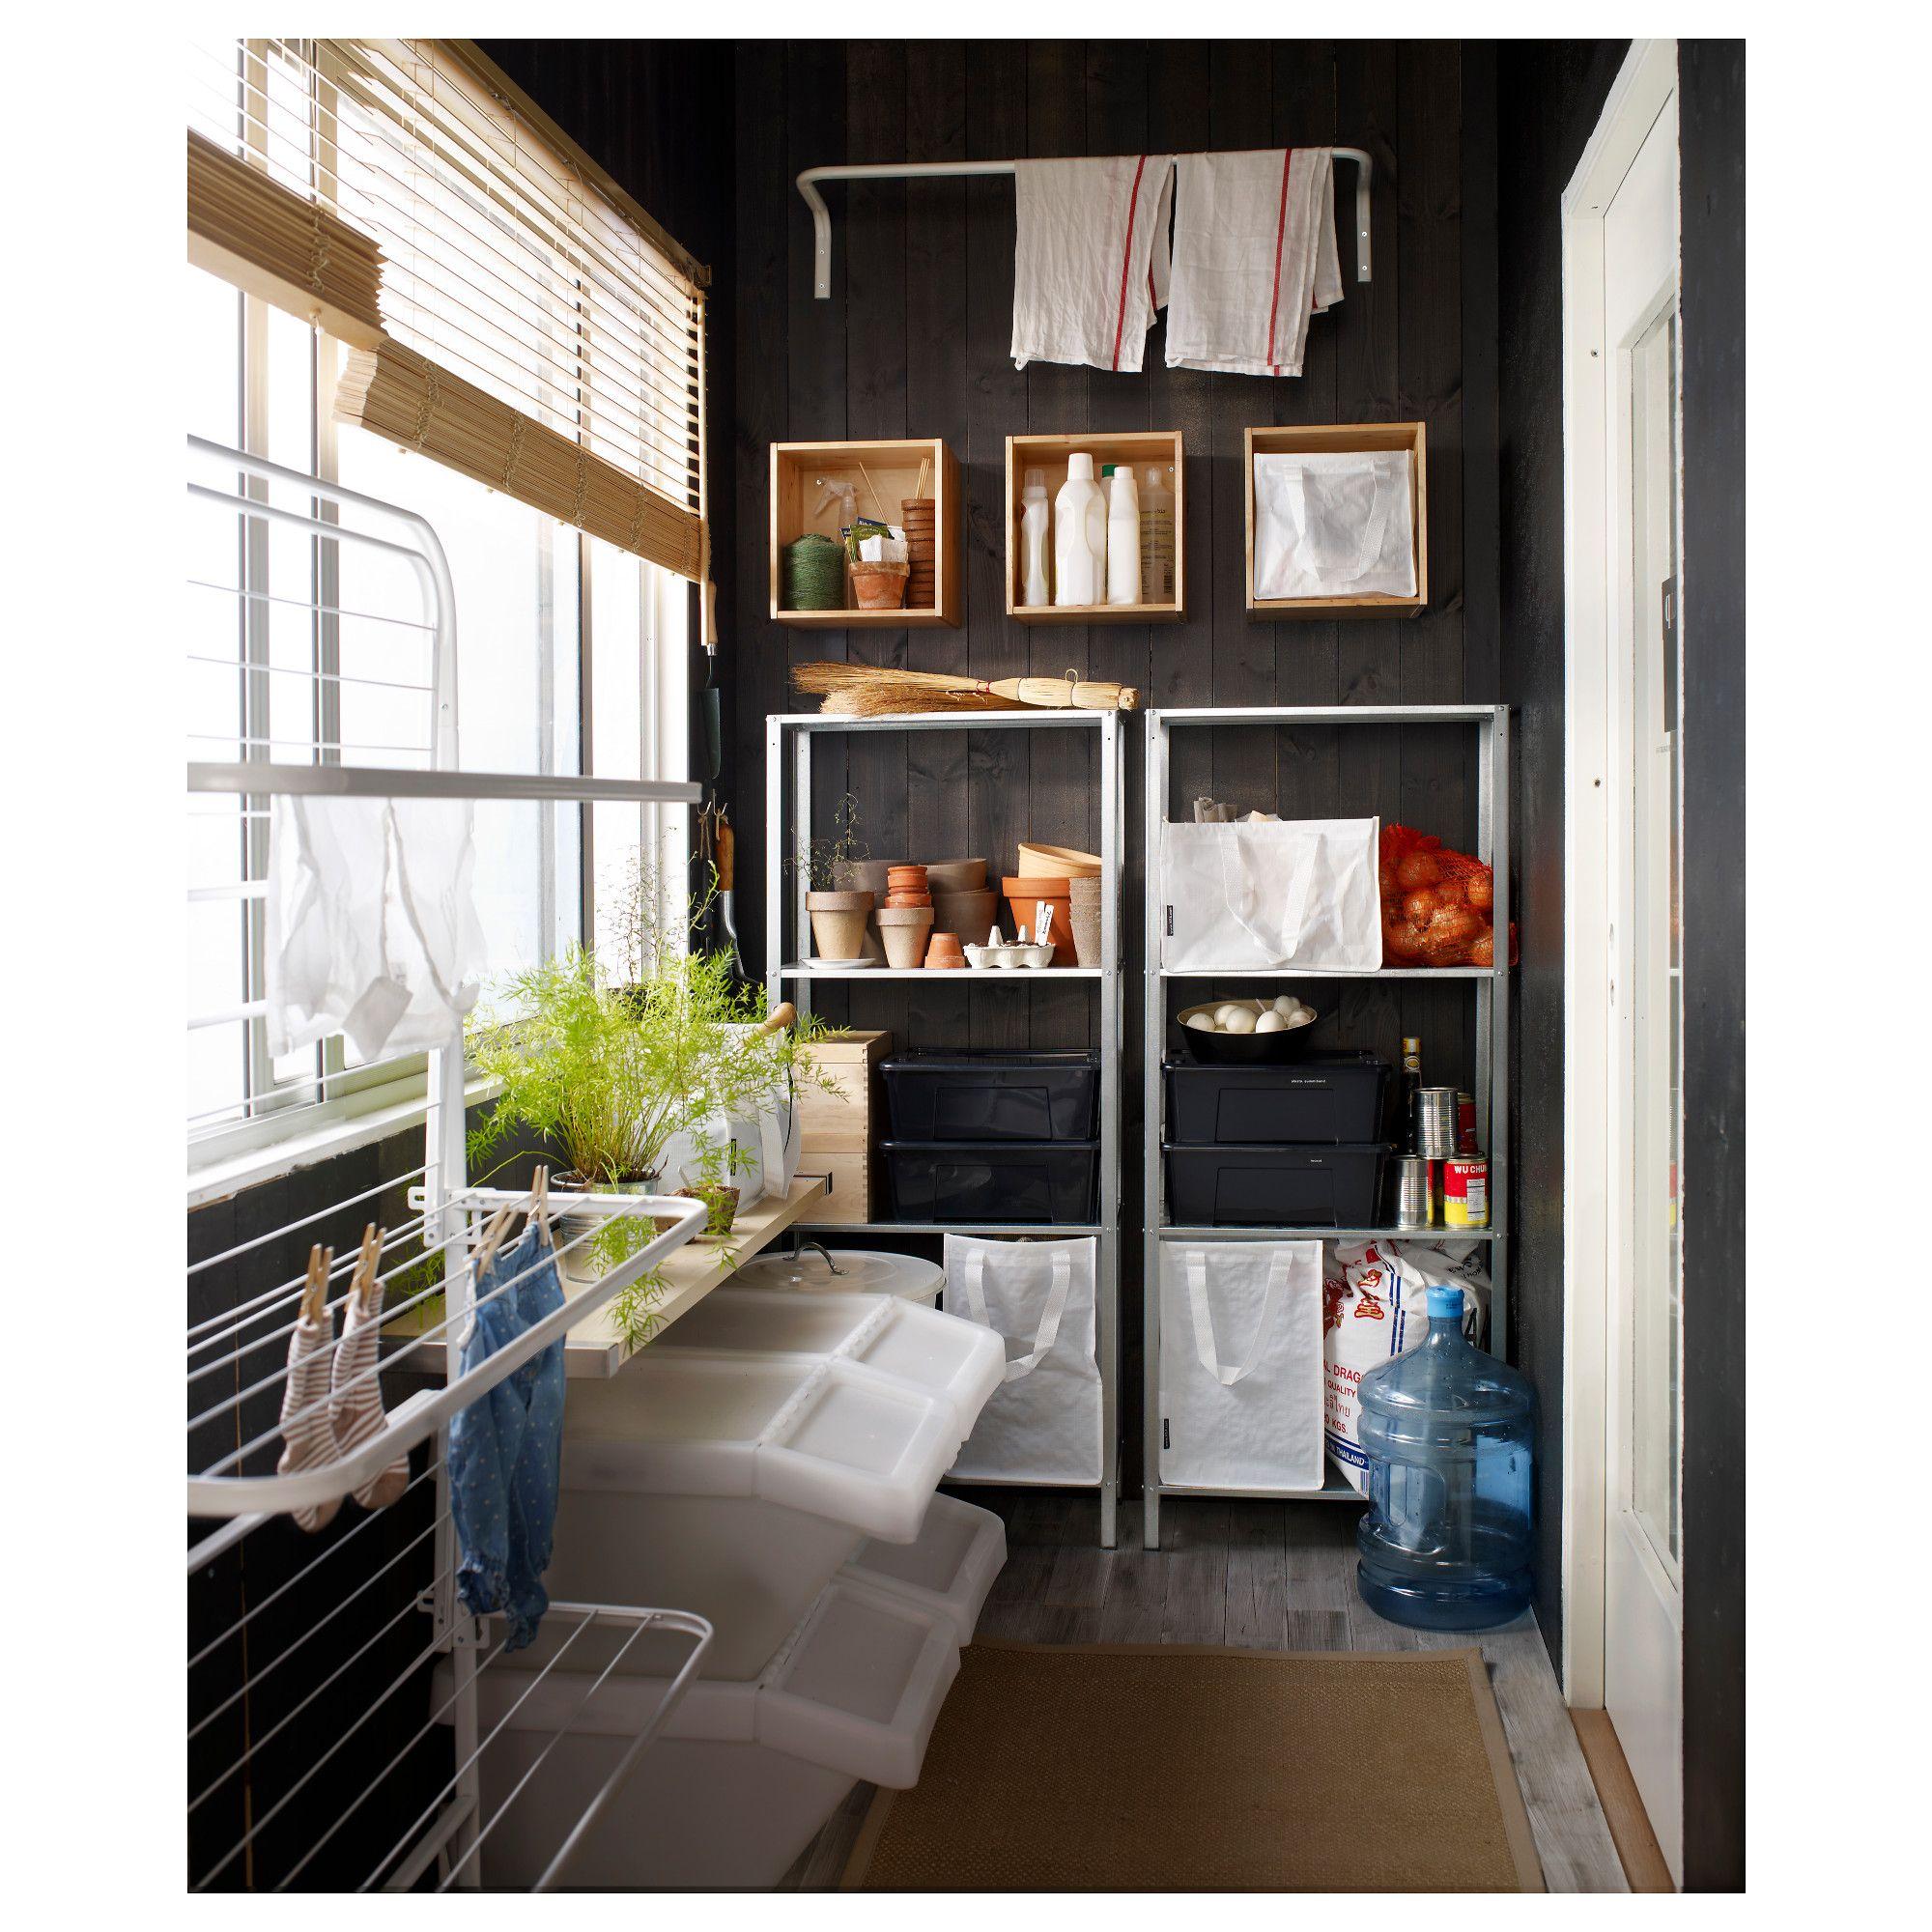 Ikea Hyllis Shelf Unit Indoor Outdoor Galvanized In 2019